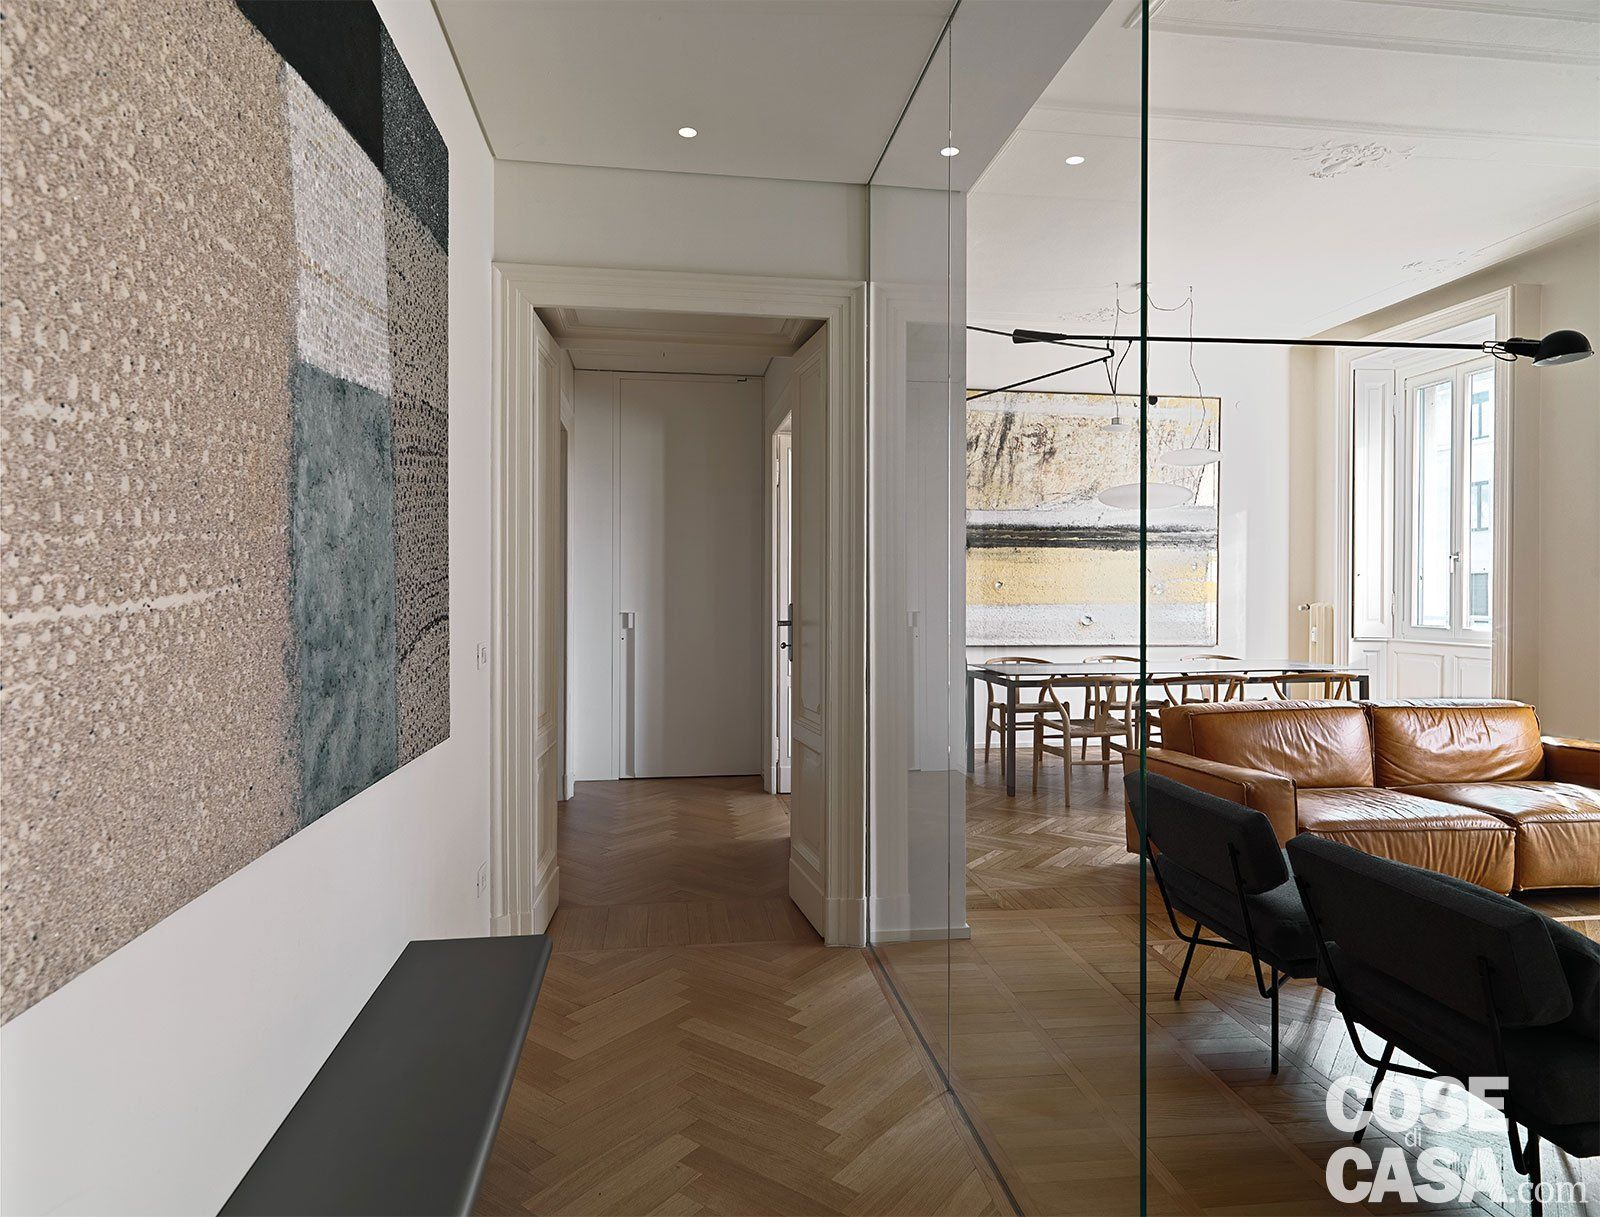 Idee Per Dividere Zona Giorno 110 mq con una parete in vetro per dividere soggiorno e